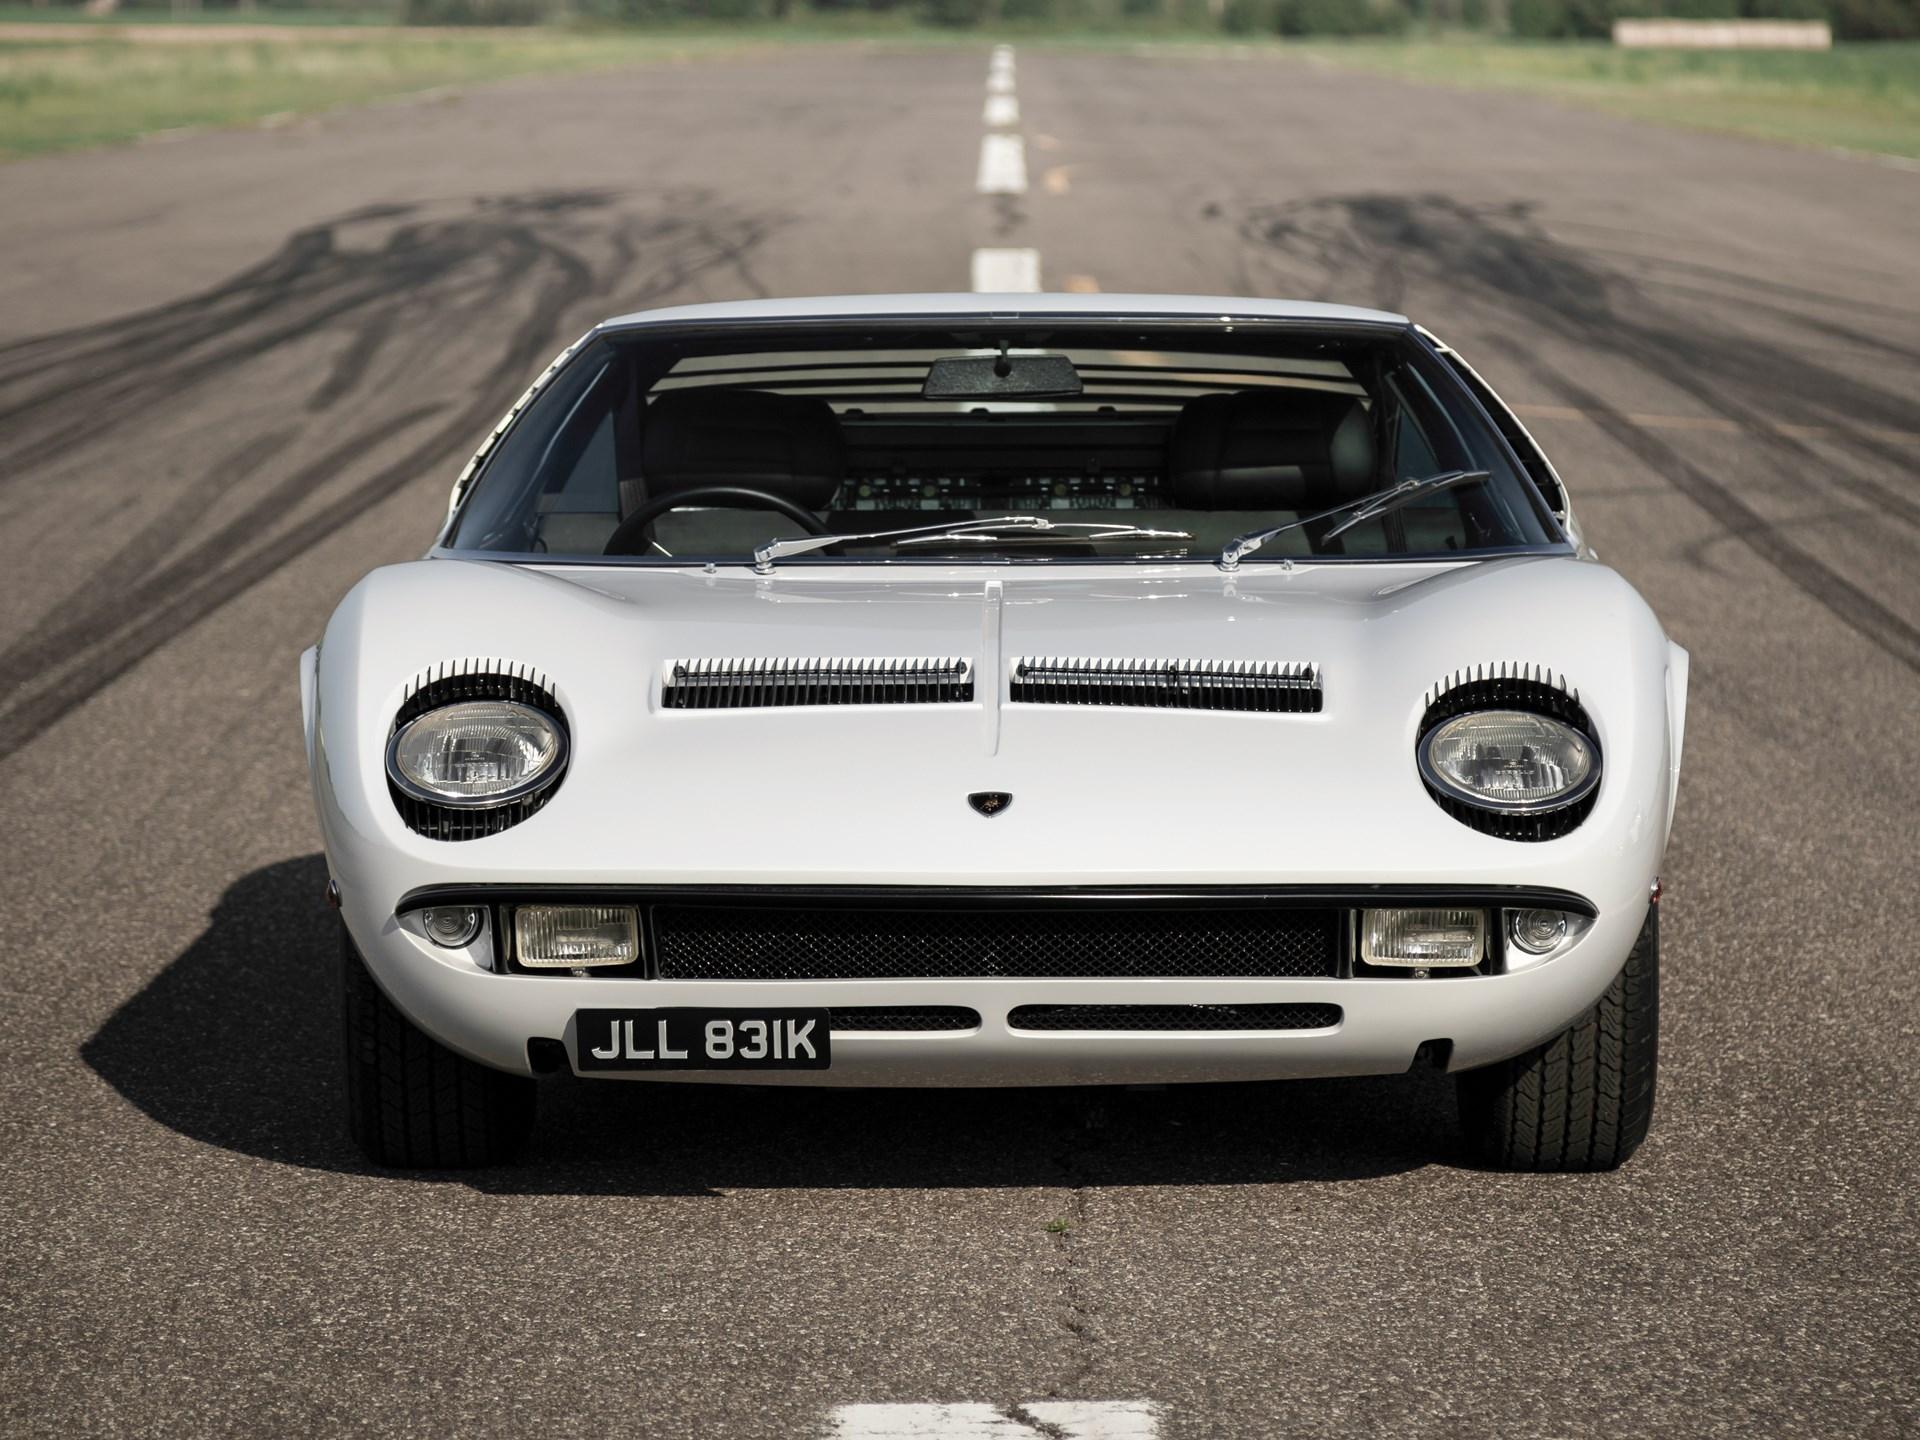 1971 Lamborghini Miura P400 S by Bertone